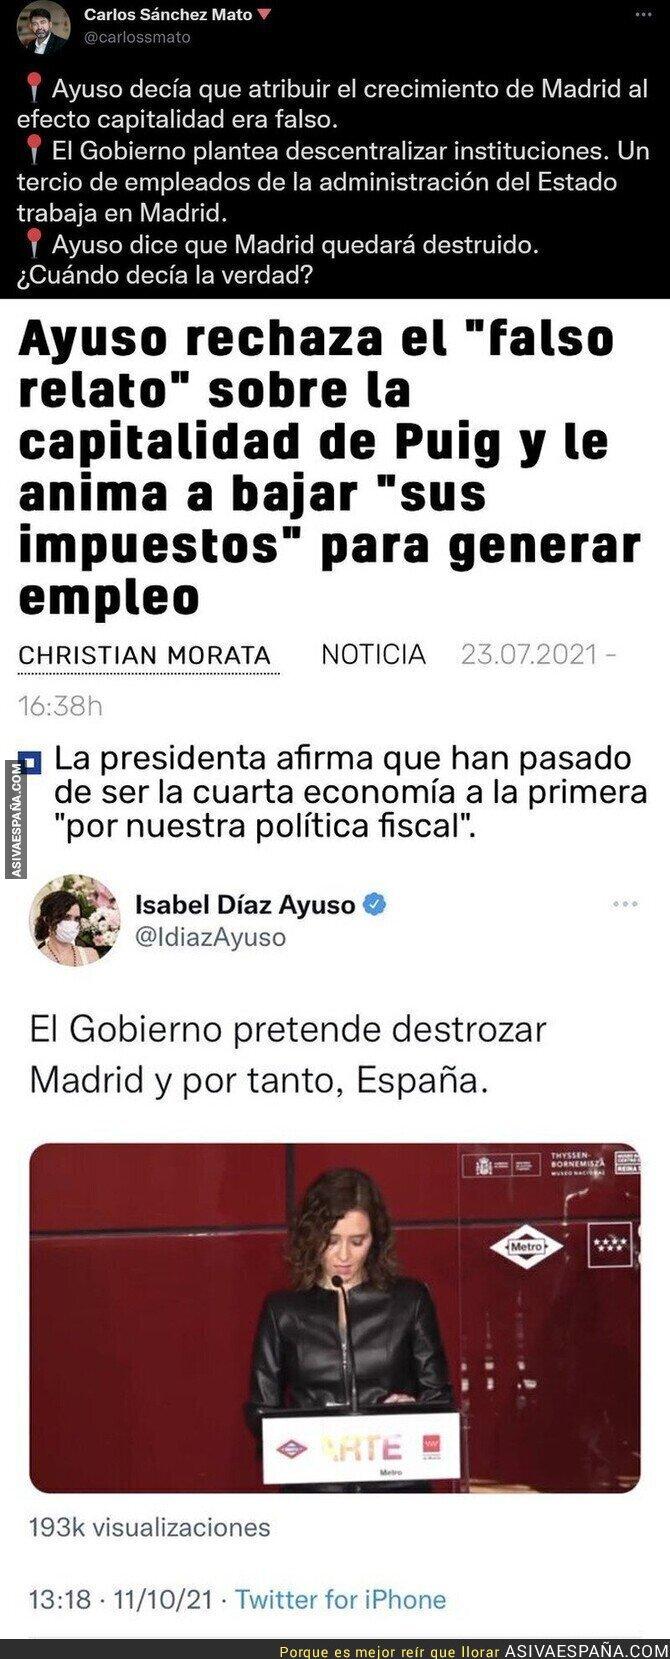 934456 - Es desconcertante lo de Isabel Díaz Ayuso